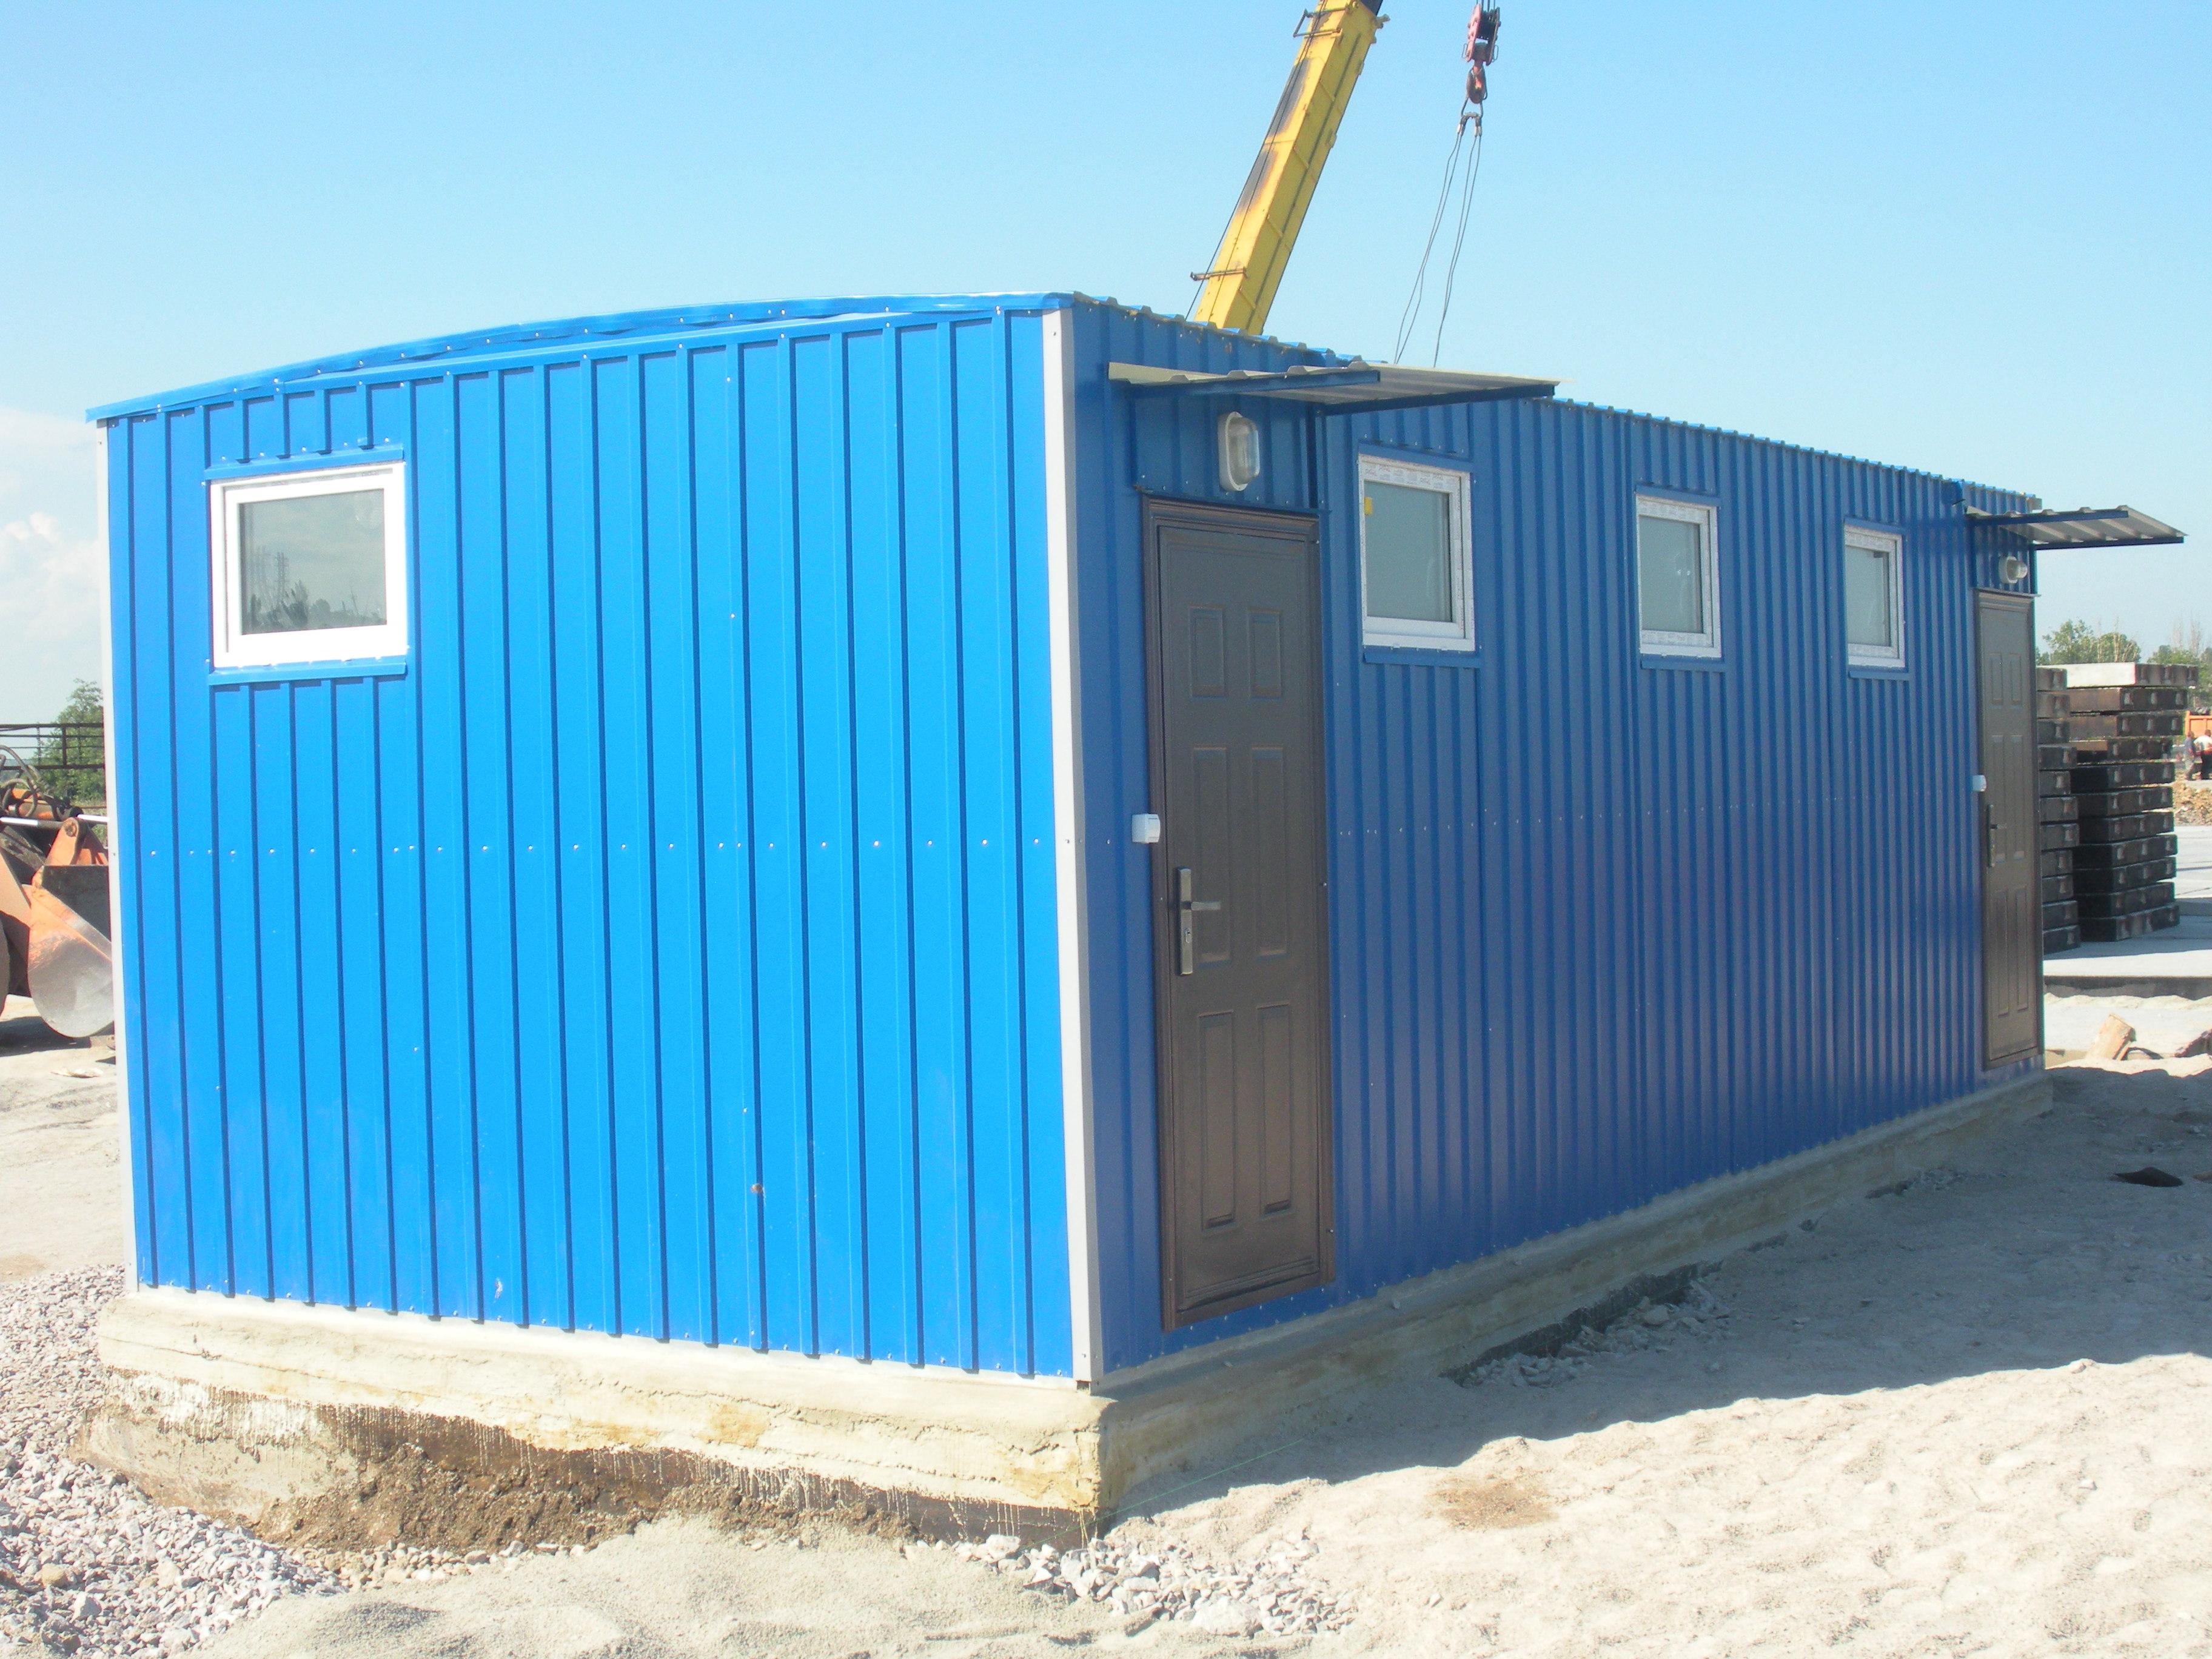 санитарный блок 6х2.4 с душевыми кабинами и санузлами